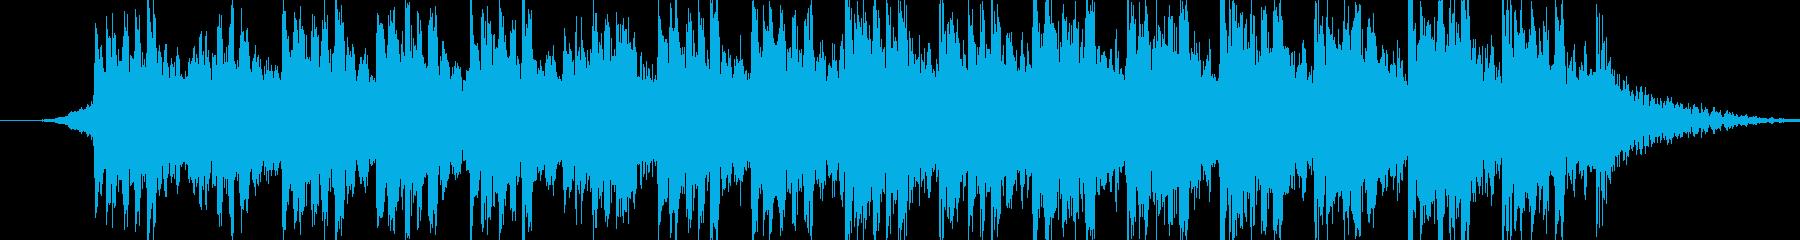 ワールド 民族 モダン 交響曲 室...の再生済みの波形